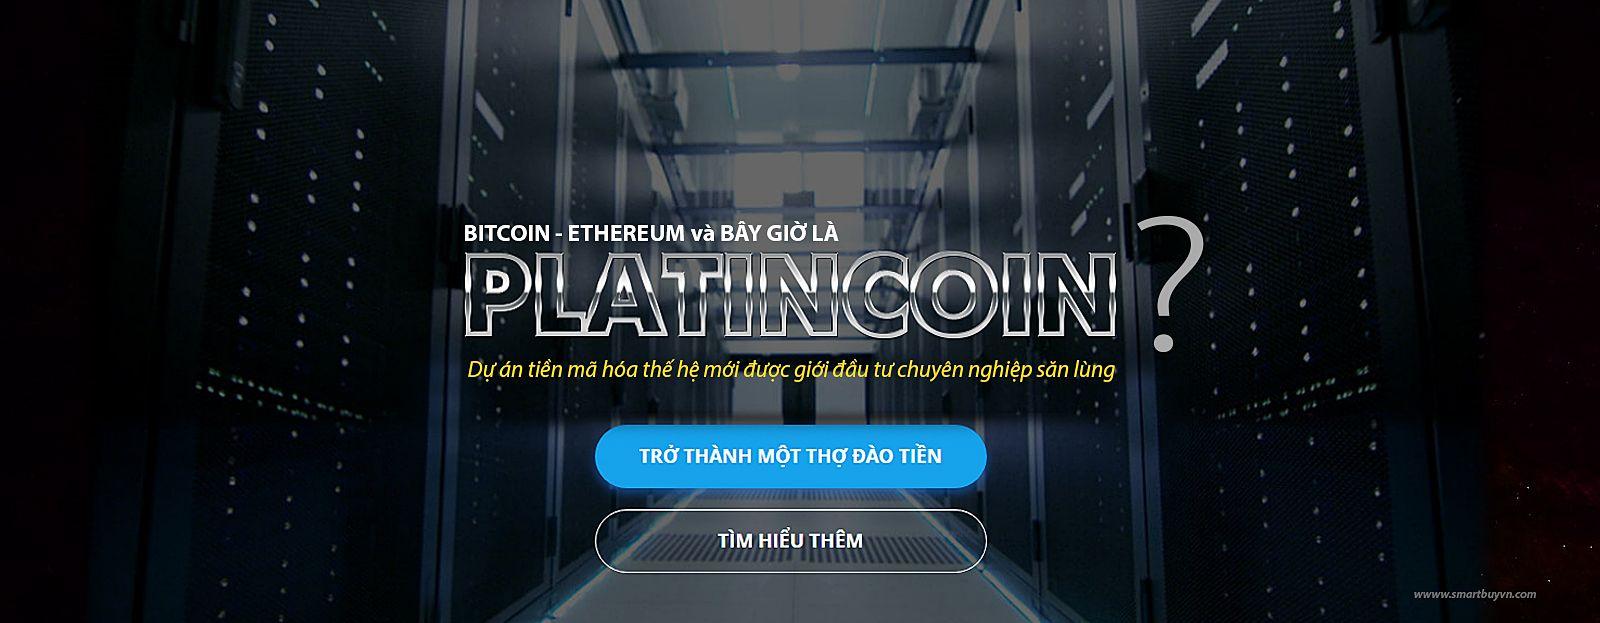 Plantin coin